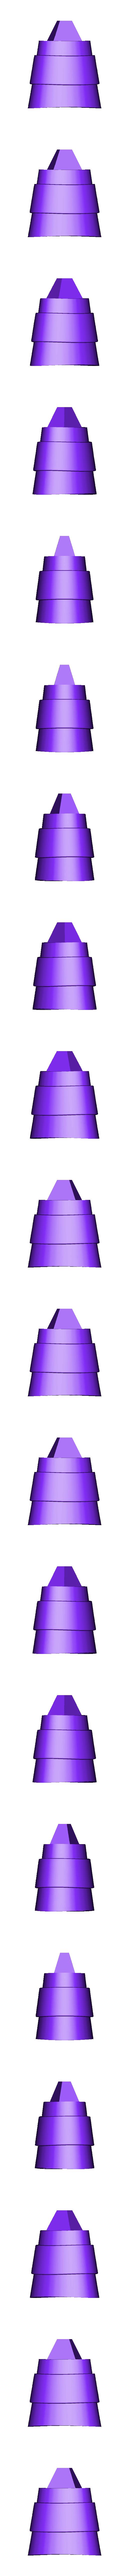 Blue Nana - Body.stl Télécharger fichier STL Super Nana Totem • Design imprimable en 3D, BODY3D